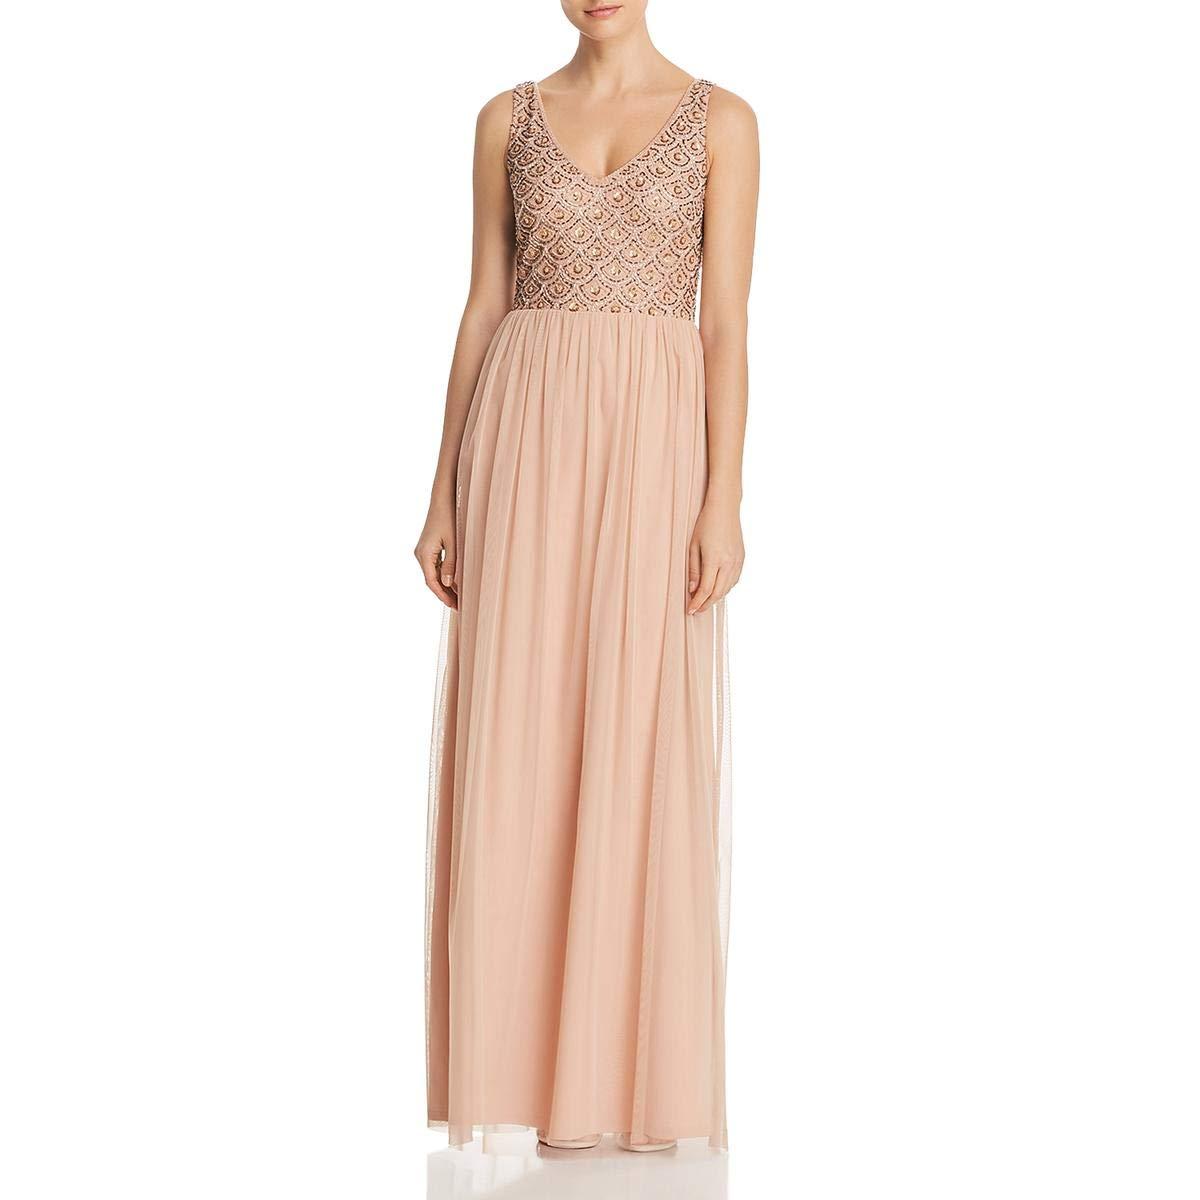 Adrianna Papell Womens Sleeveless Beaded Long Dress